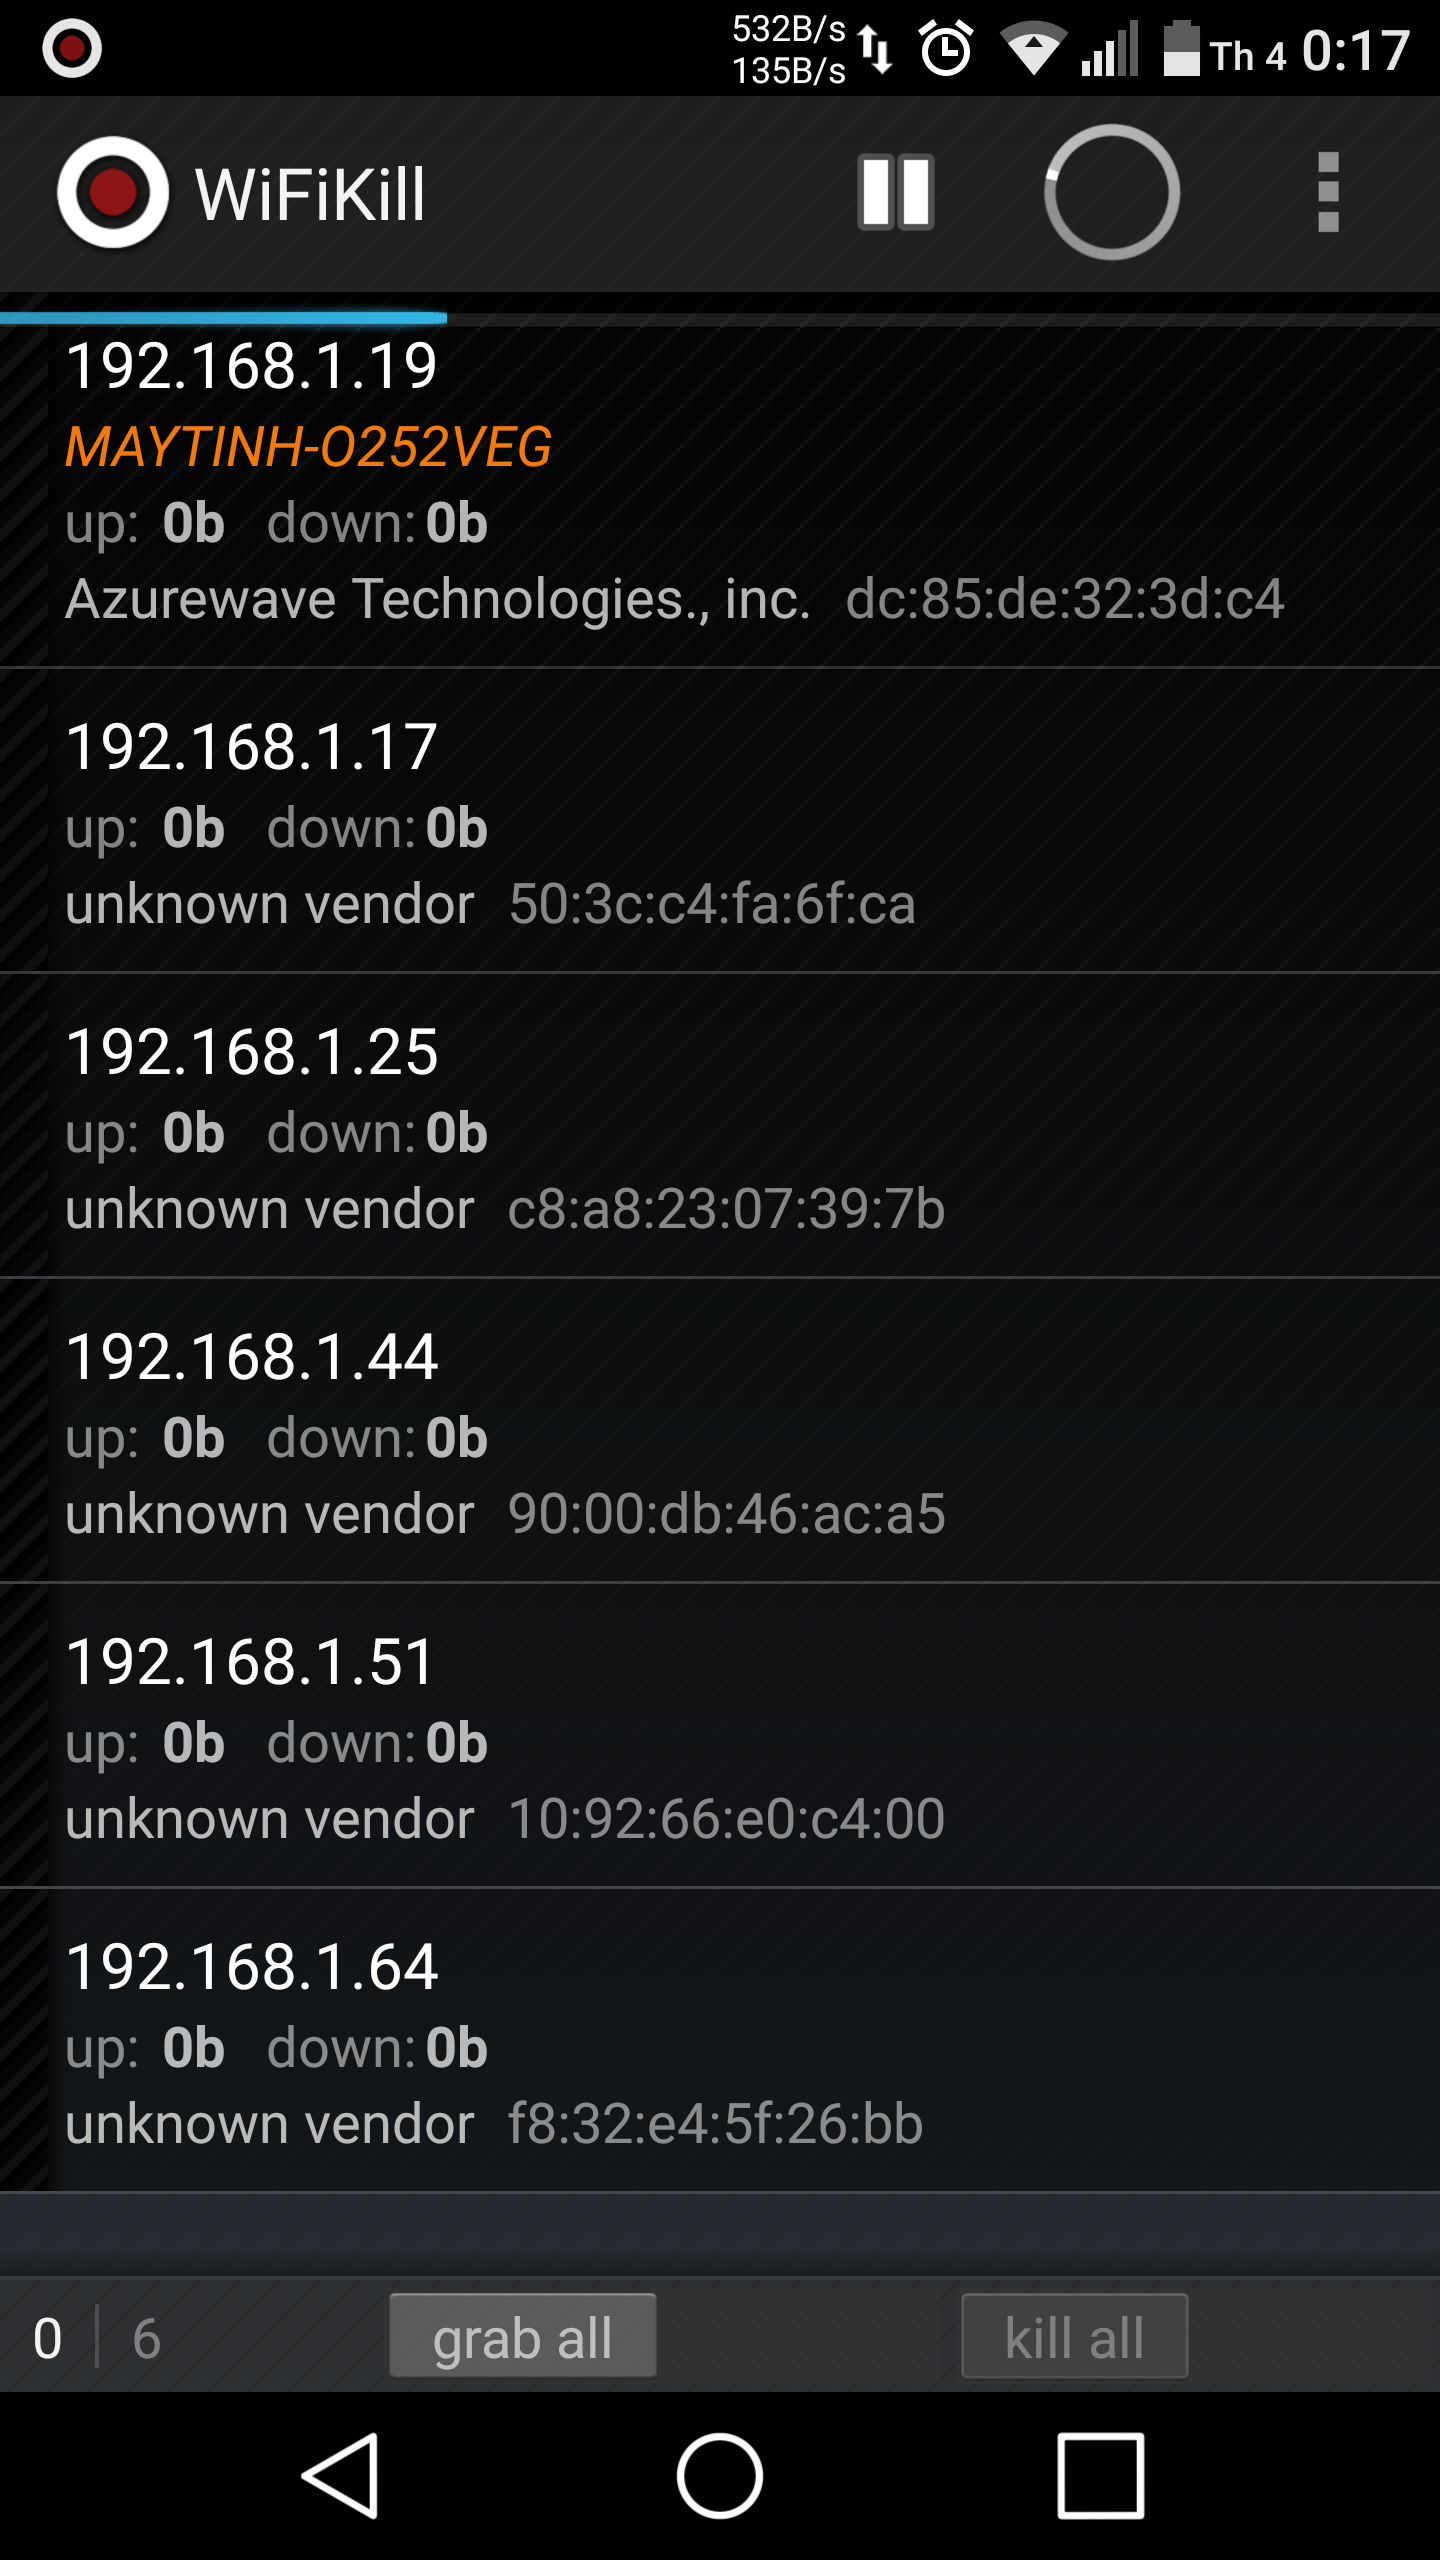 App Phá/Kích Wifi phiên bản PRO - Wifi Kill mới nhất 232 dành cho Android - 100% Thành công App Phá/Kích Wifi phiên bản PRO - Wifi Kill mới nhất 232 dành cho Android - 100% Thành công App Phá/Kích Wifi phiên bản PRO - Wifi Kill mới nhất 232 dành cho Android - 100% Thành công App Phá/Kích Wifi phiên bản PRO - Wifi Kill mới nhất 232 dành cho Android - 100% Thành công App Phá/Kích Wifi phiên bản PRO - Wifi Kill mới nhất 232 dành cho Android - 100% Thành công App Phá/Kích Wifi phiên bản PRO - Wifi Kill mới nhất 232 dành cho Android - 100% Thành công